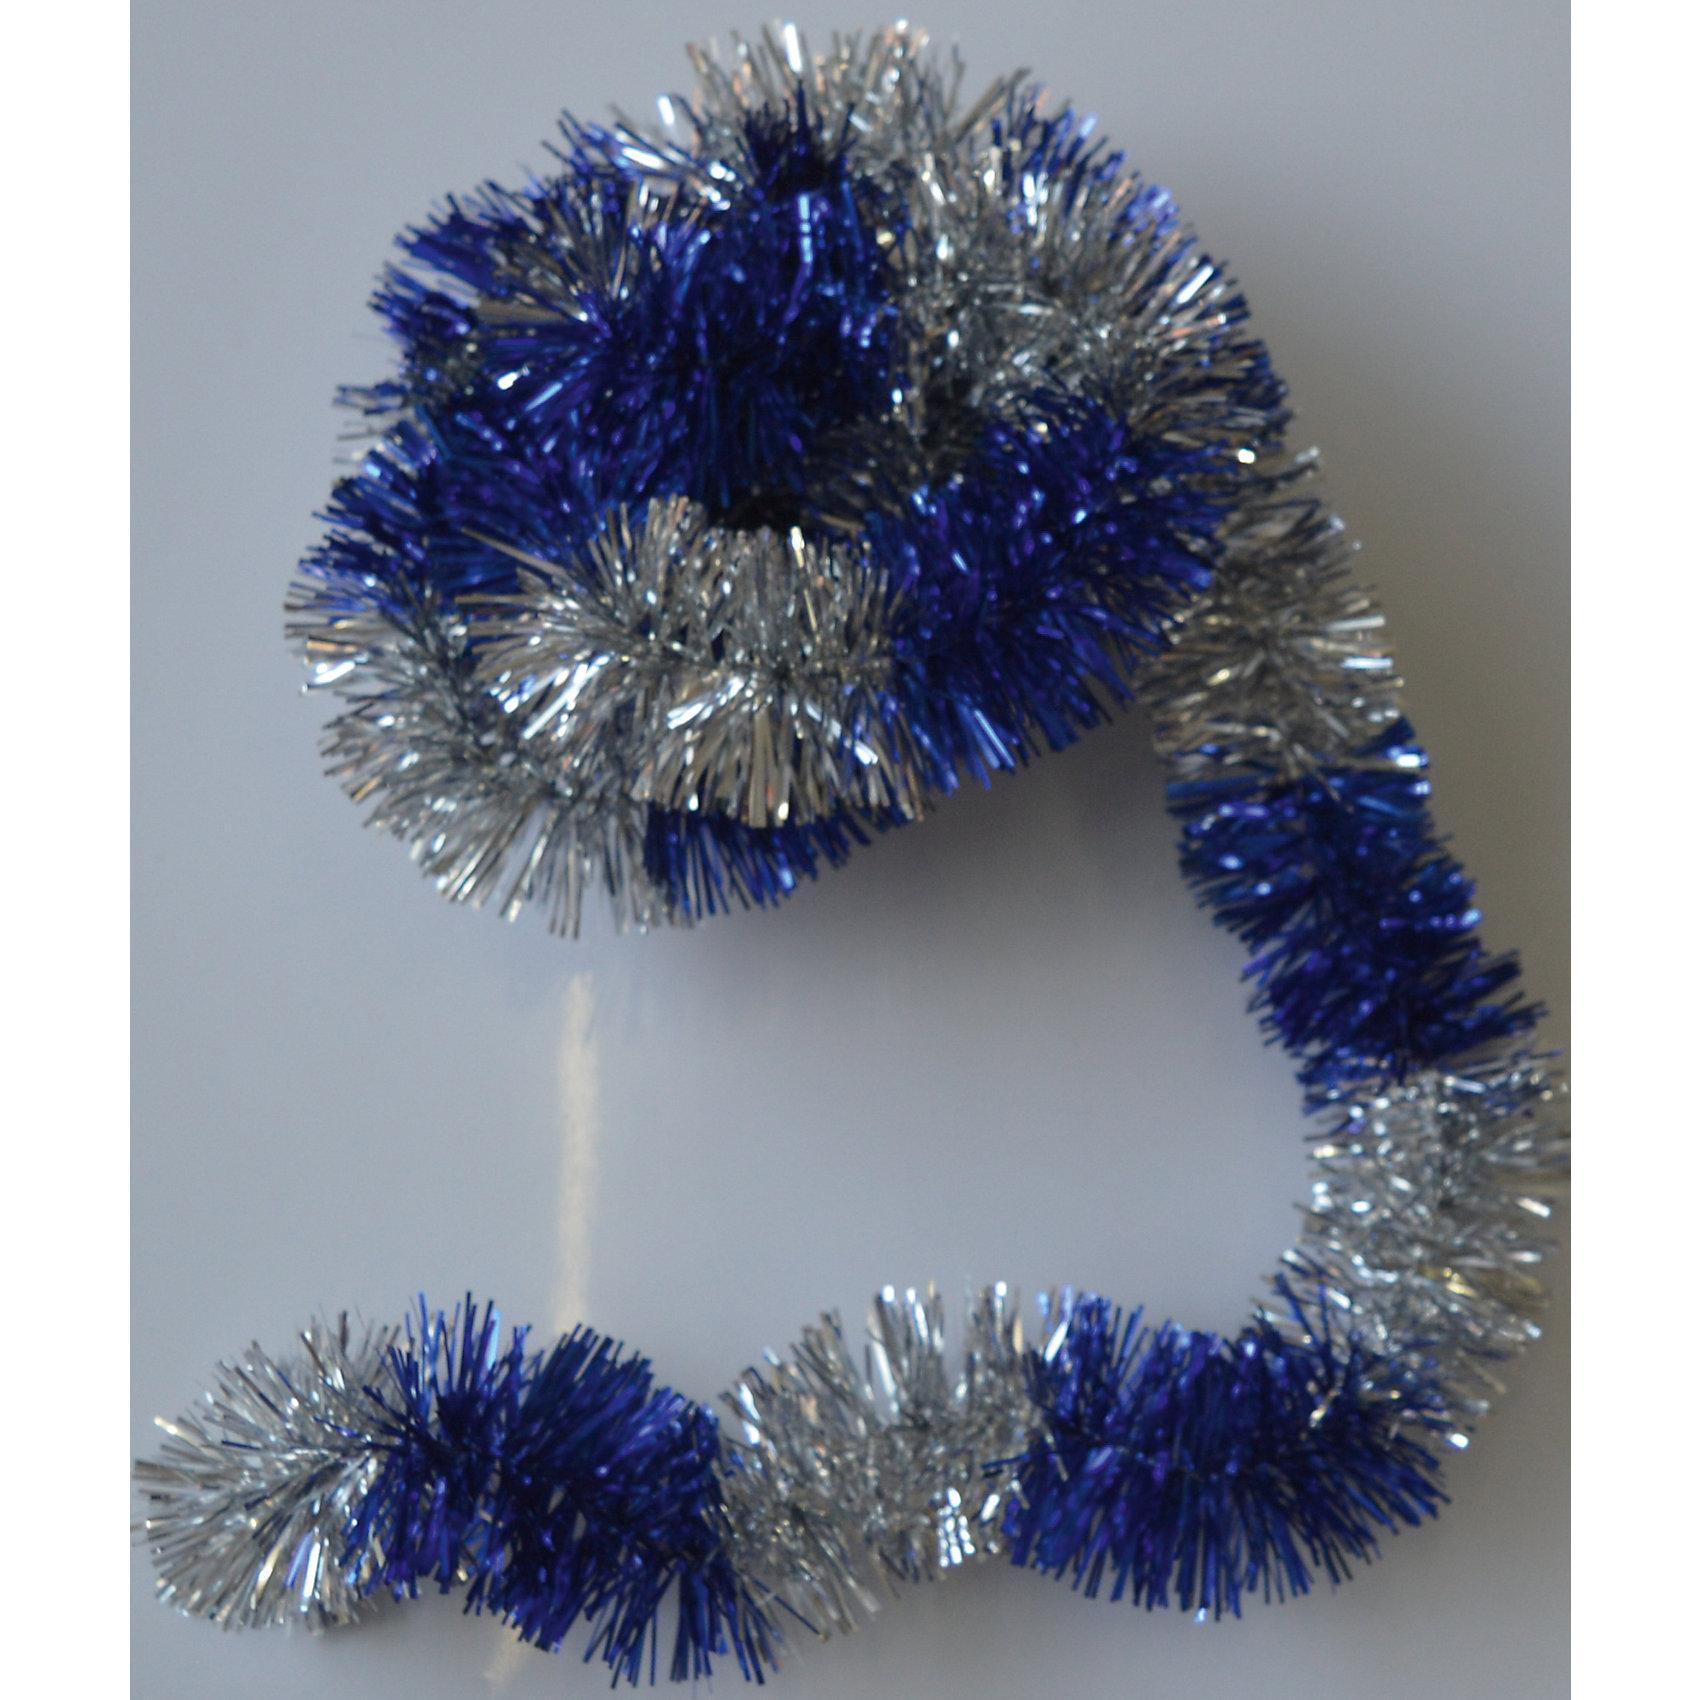 Новогодняя мишура, синий с серебром 5х200Всё для праздника<br>Мишура новогодняя синий с серебром 5х200 арт.16496 Мишура идеально подойдет для оформления Вашего новогоднего праздника.<br>Из Мишуры очень просто воплотить Ваши дизайнерские идеи в  жизнь, благодаря тонкой проволке внутри, мишура легко принимает ту форму, которую Вам необходимо. Удачи в Ваших Новогодних задумках!<br><br>Ширина мм: 2000<br>Глубина мм: 50<br>Высота мм: 50<br>Вес г: 50<br>Возраст от месяцев: 72<br>Возраст до месяцев: 480<br>Пол: Унисекс<br>Возраст: Детский<br>SKU: 5051662